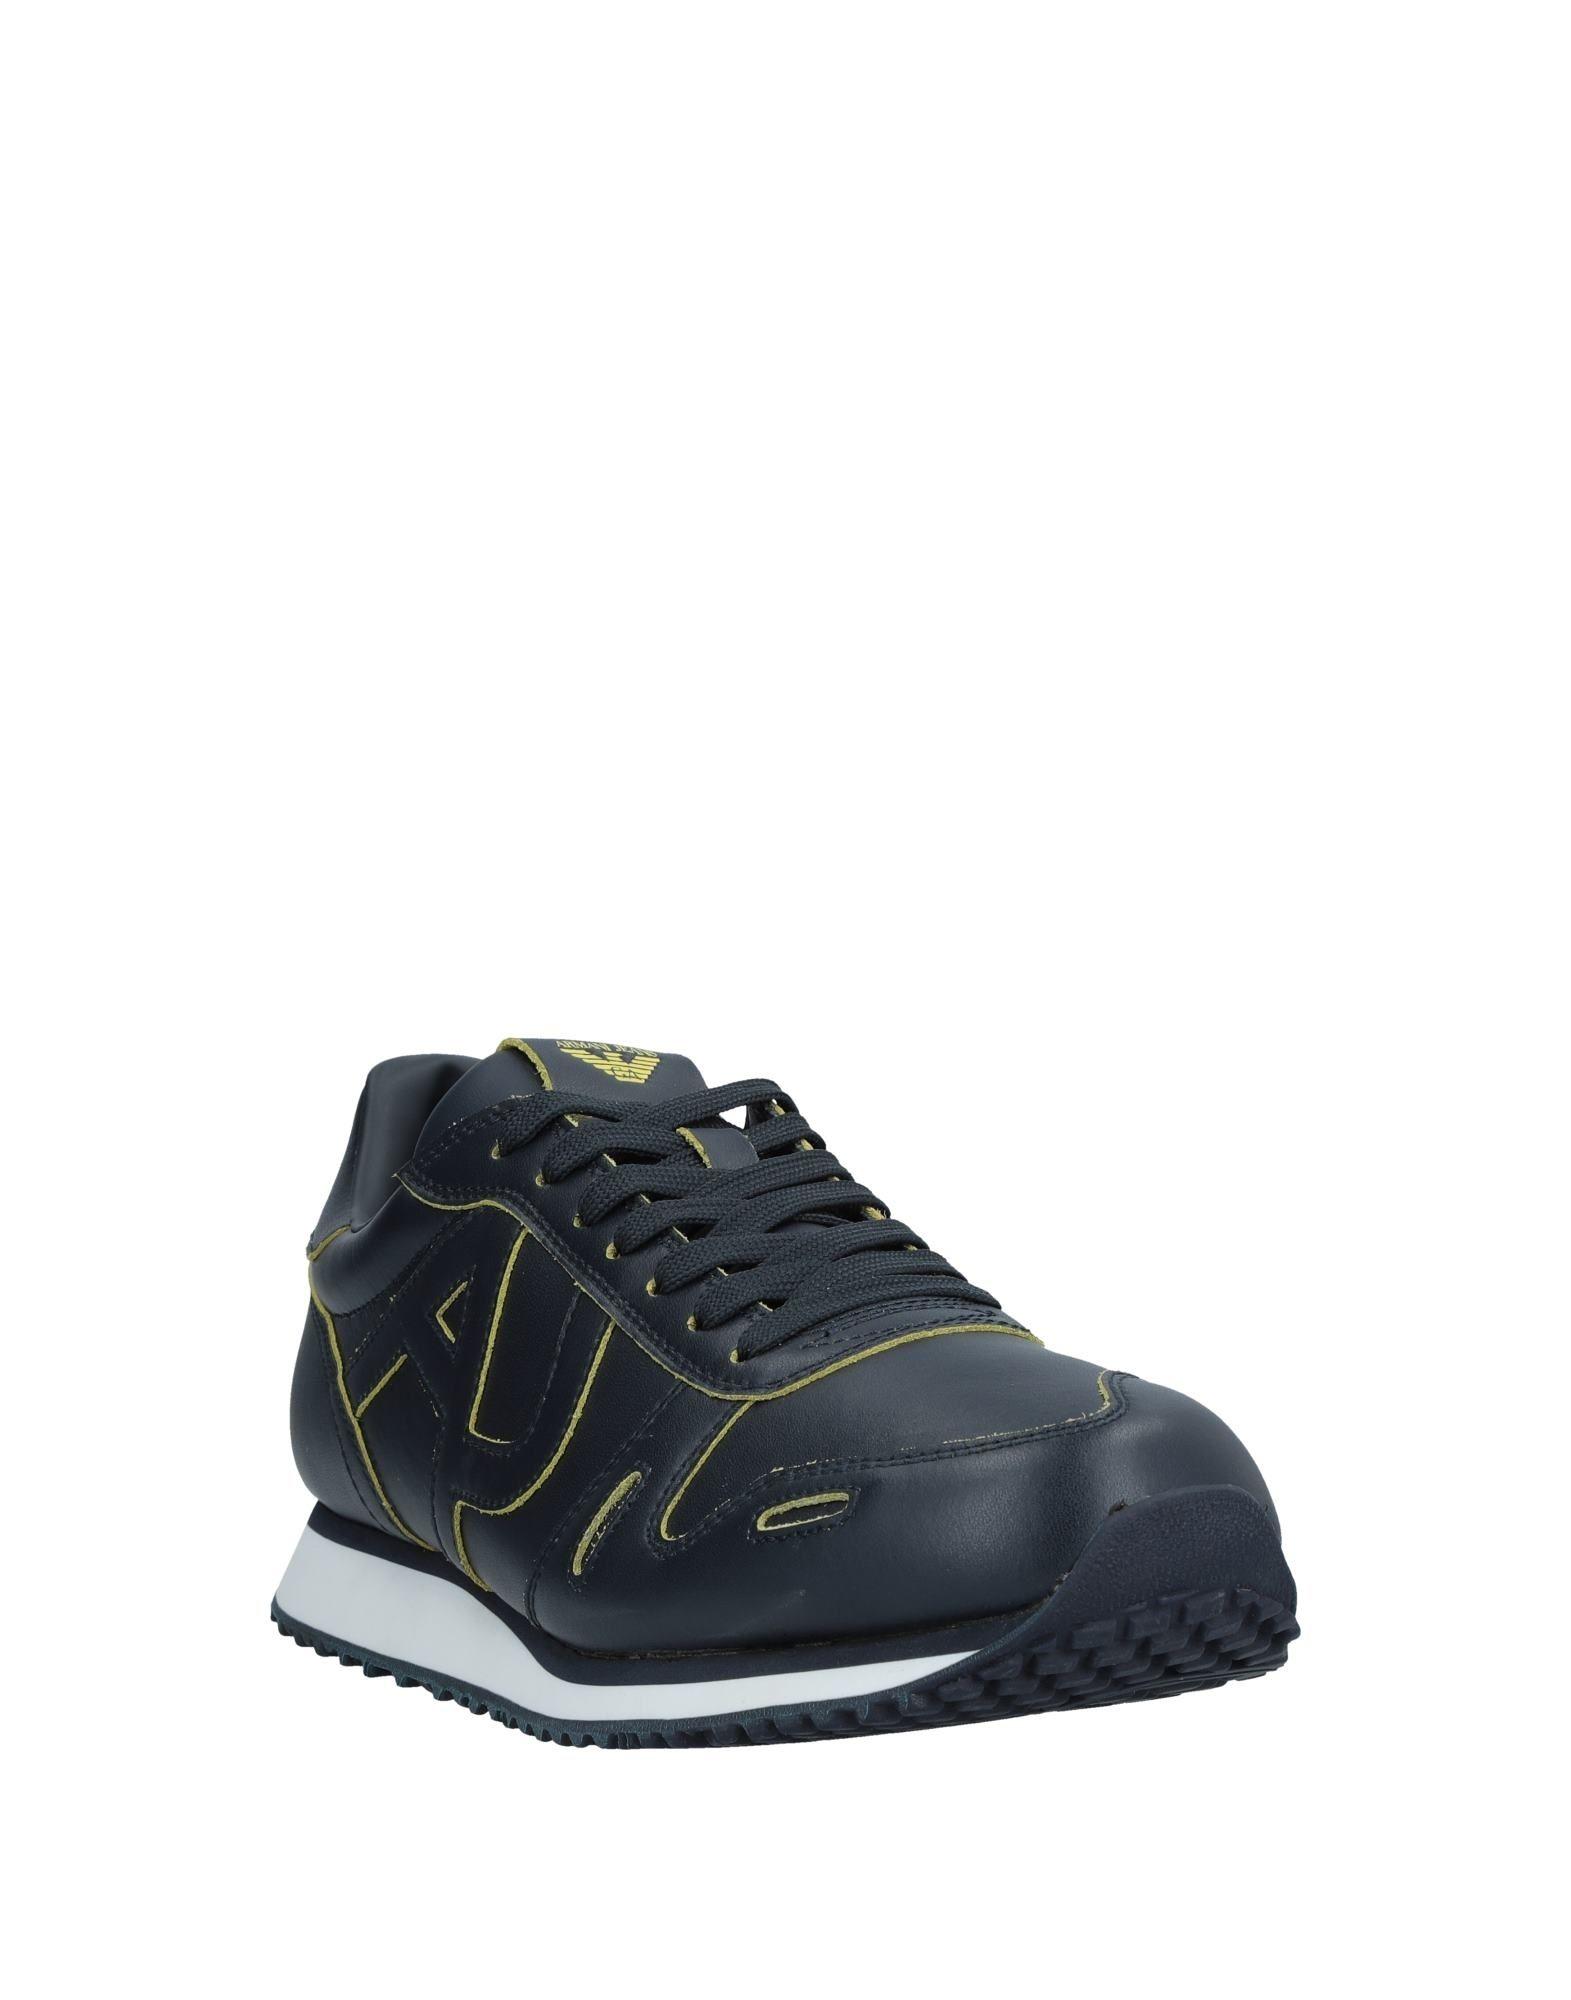 Armani Jeans Sneakers Herren  Schuhe 11537279DB Gute Qualität beliebte Schuhe  d670bb